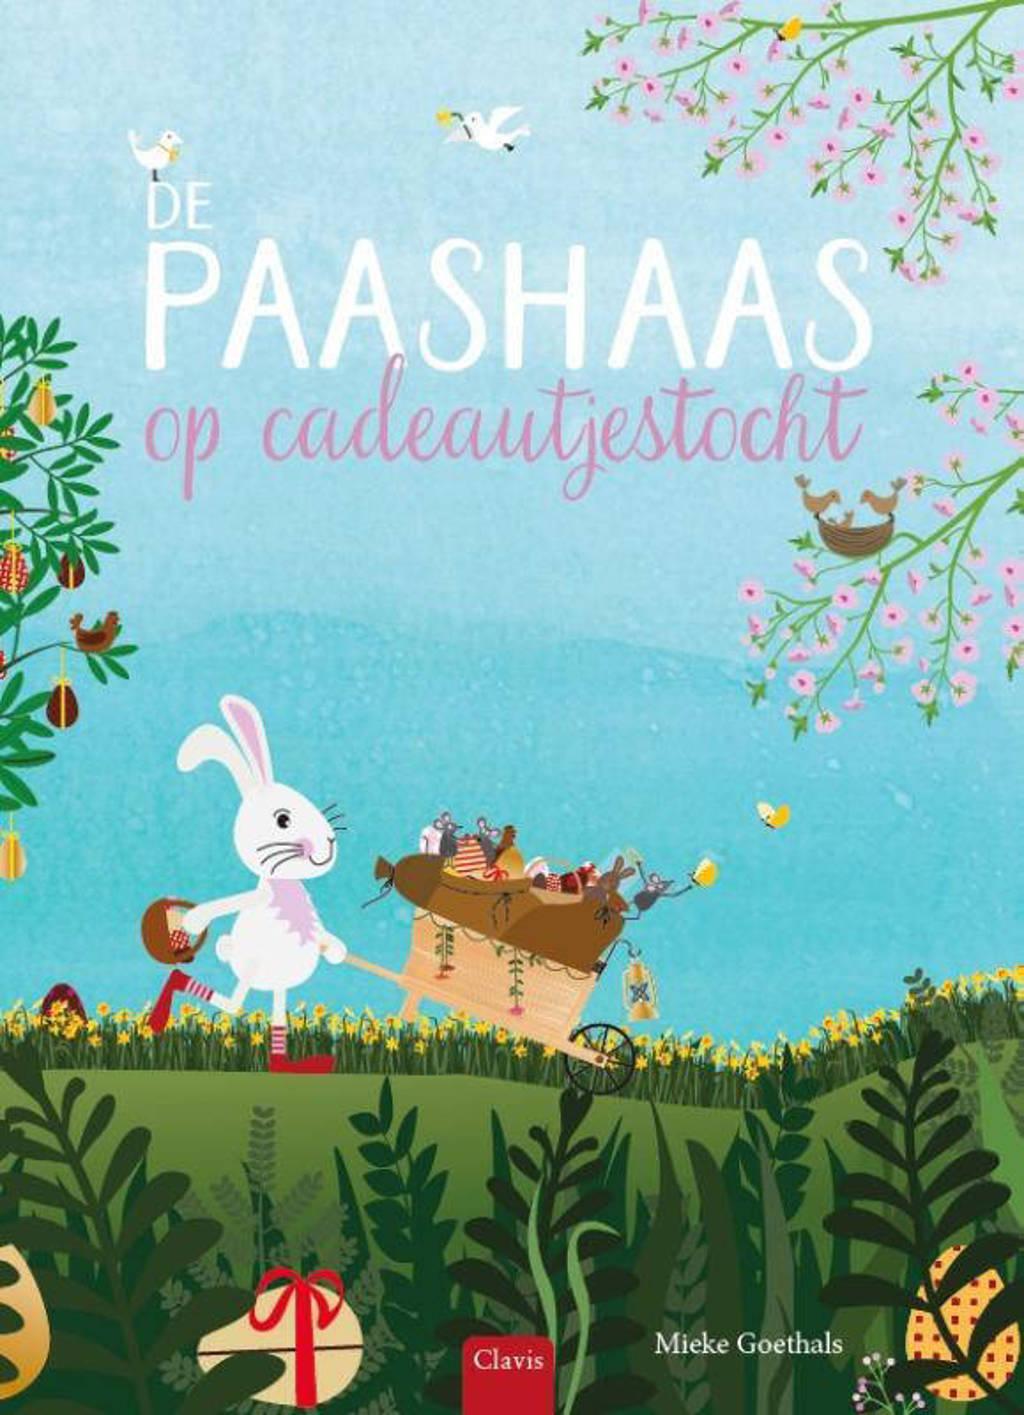 De paashaas op cadeautjestocht - Mieke Goethals